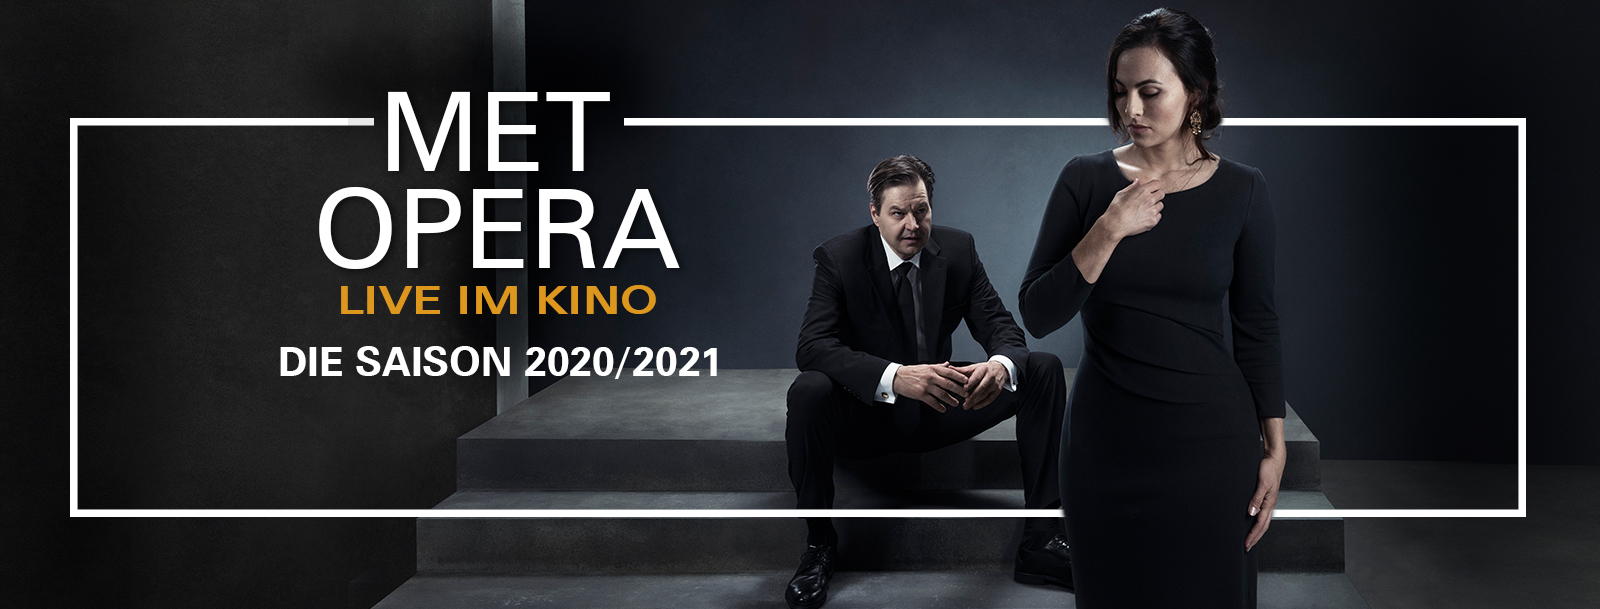 Met Opera 2020/21 Live im Kino